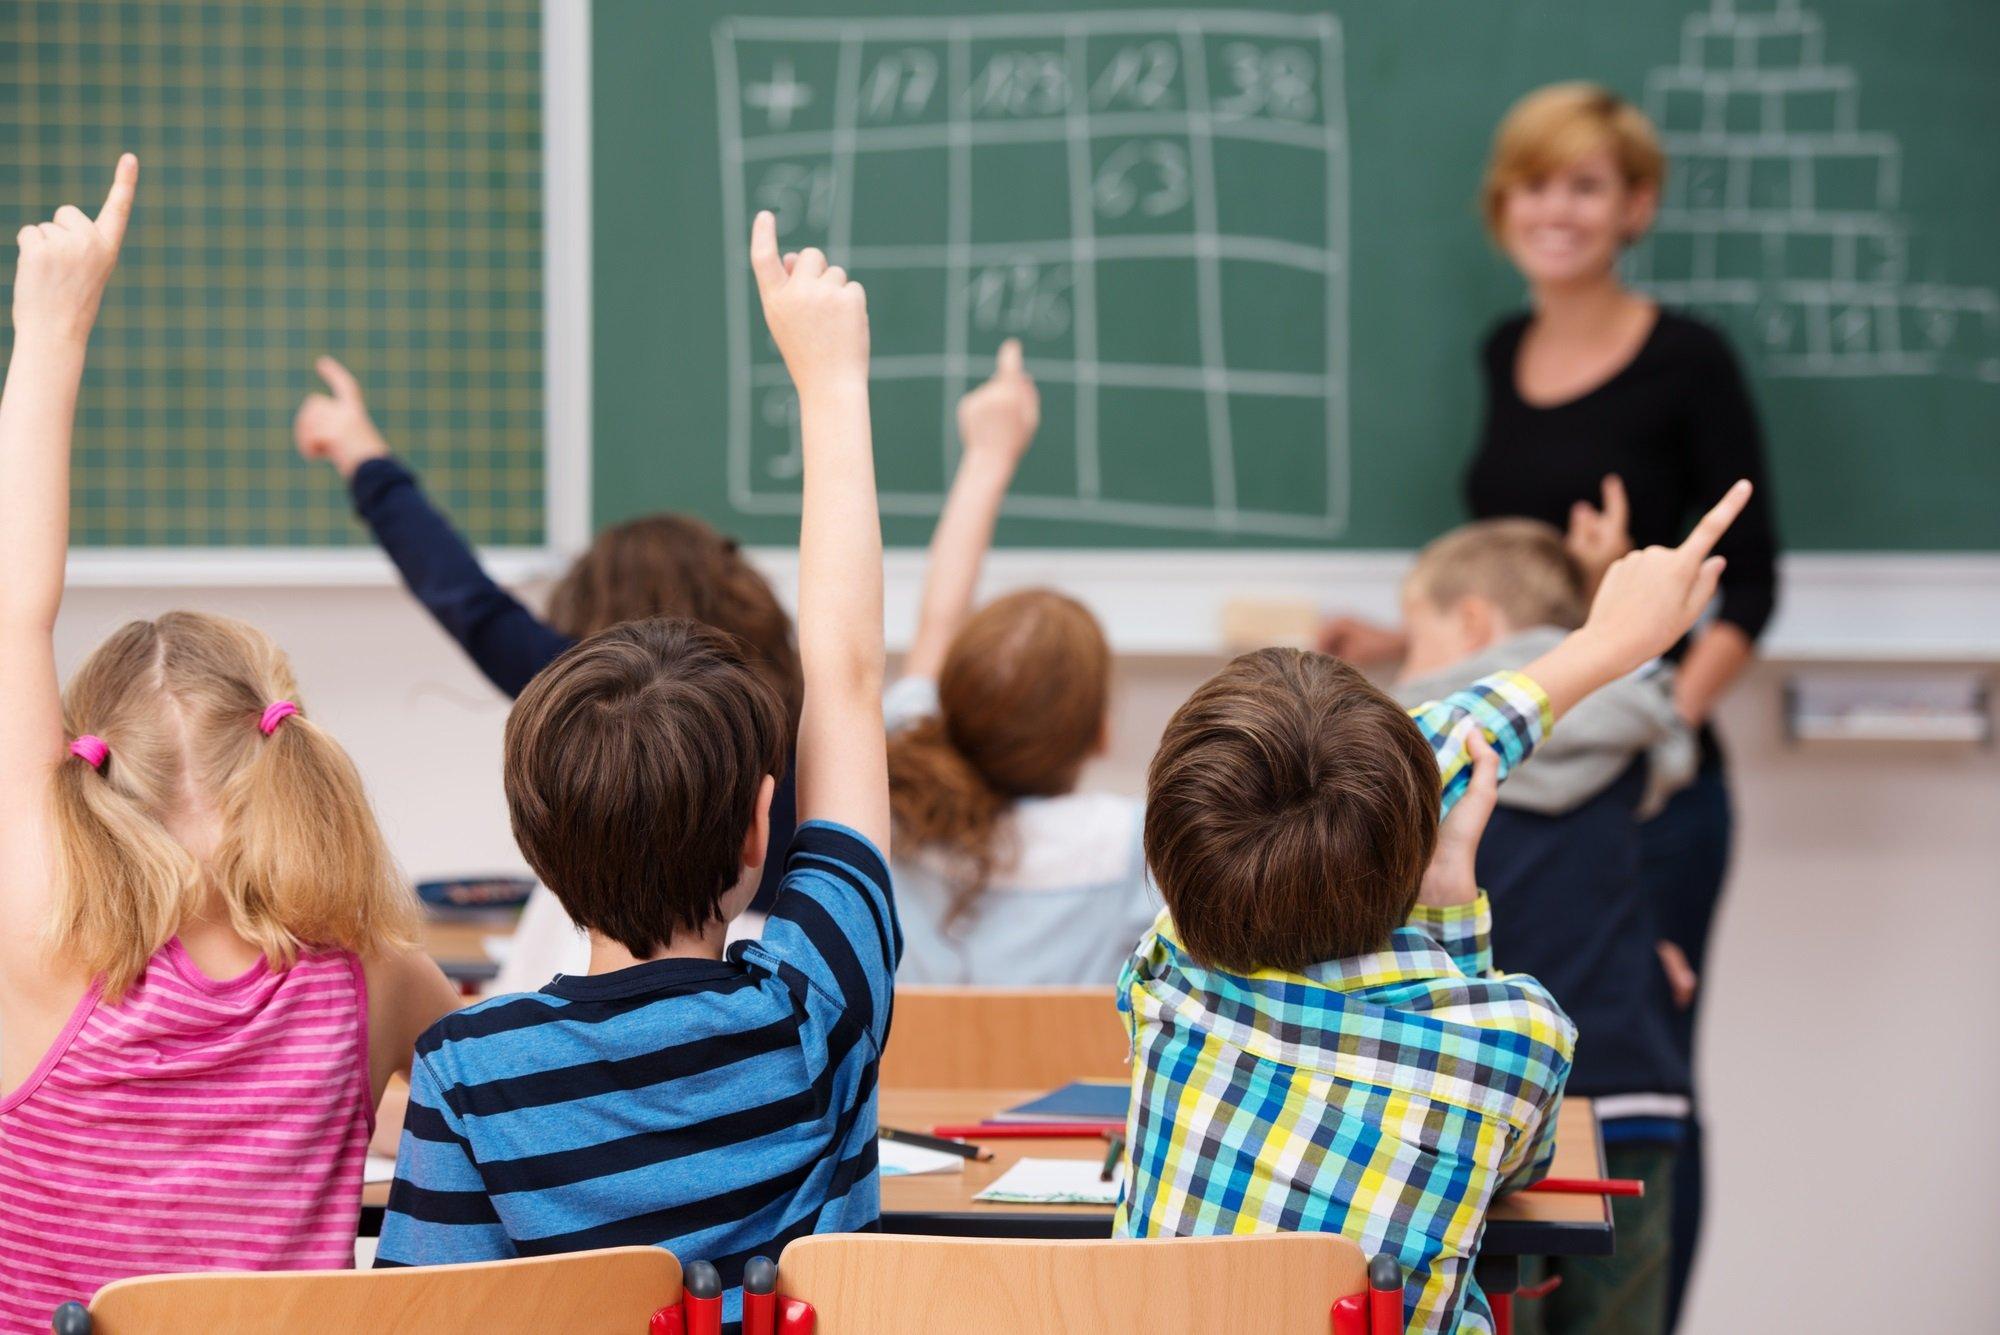 Українським школярам з 1 вересня видадуть електронні свідоцтва: що треба знати батькам